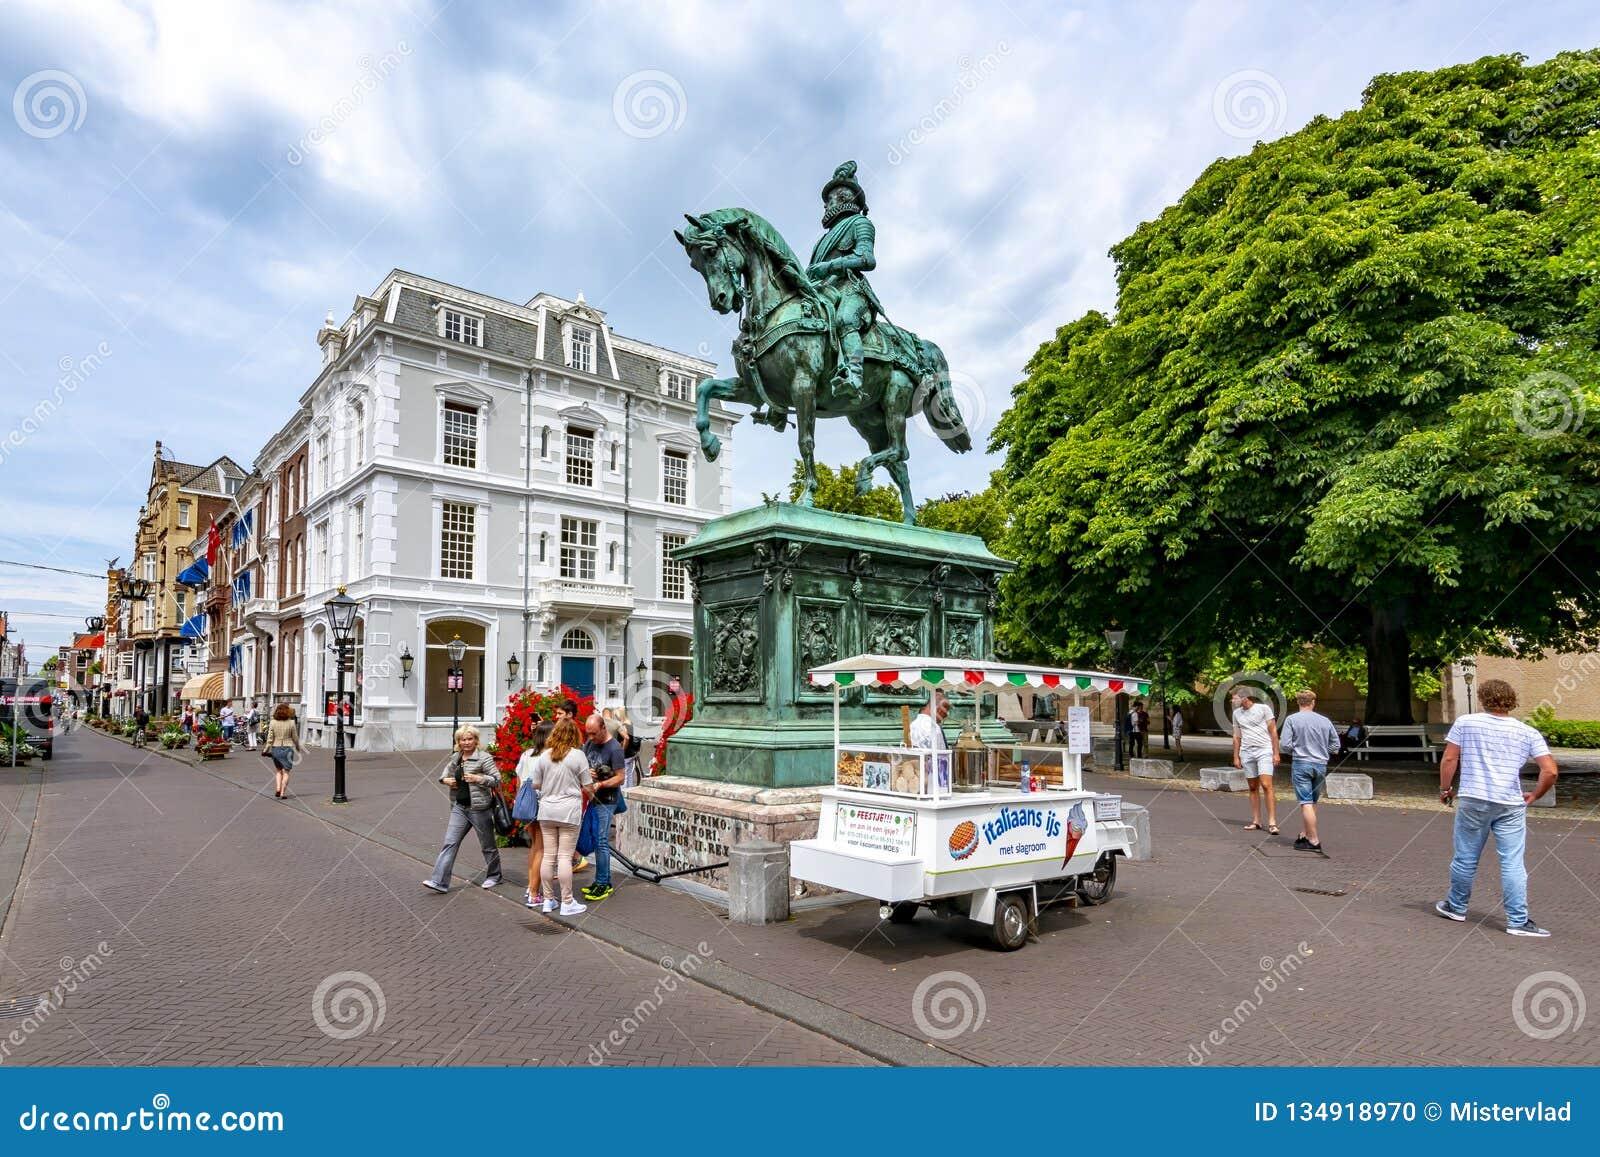 Monumento de Guillermo I en el centro de La Haya, Países Bajos